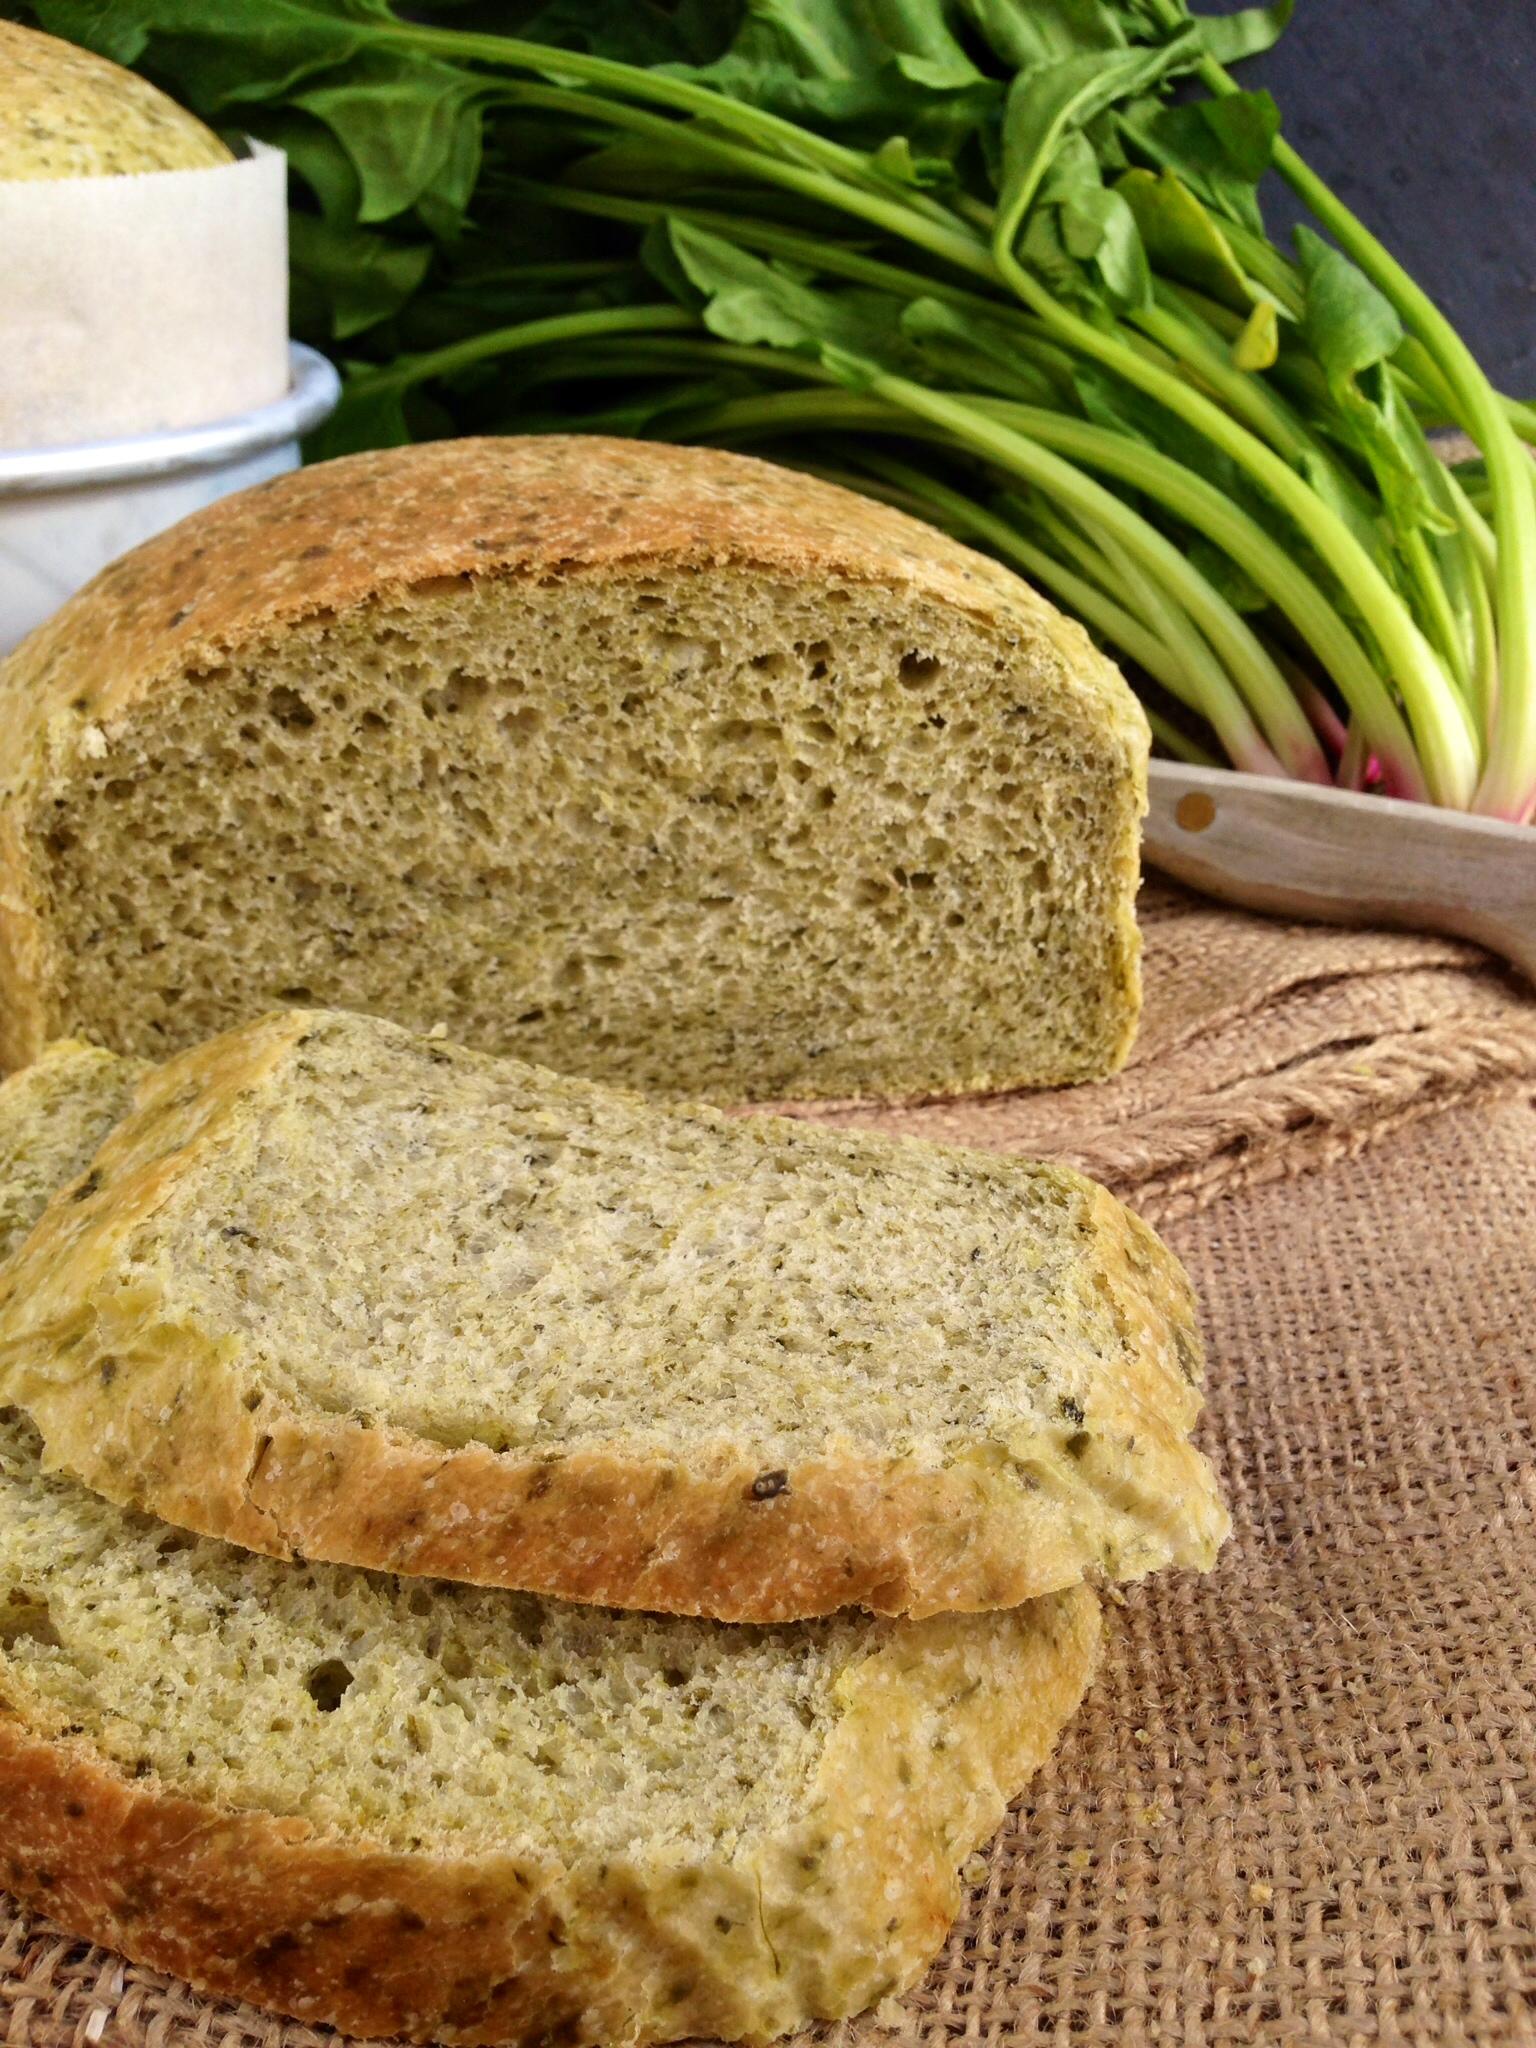 Pan De Espinacas Spinach Bread My European Cakes ¿vas a escribir el informe? pan de espinacas spinach bread my